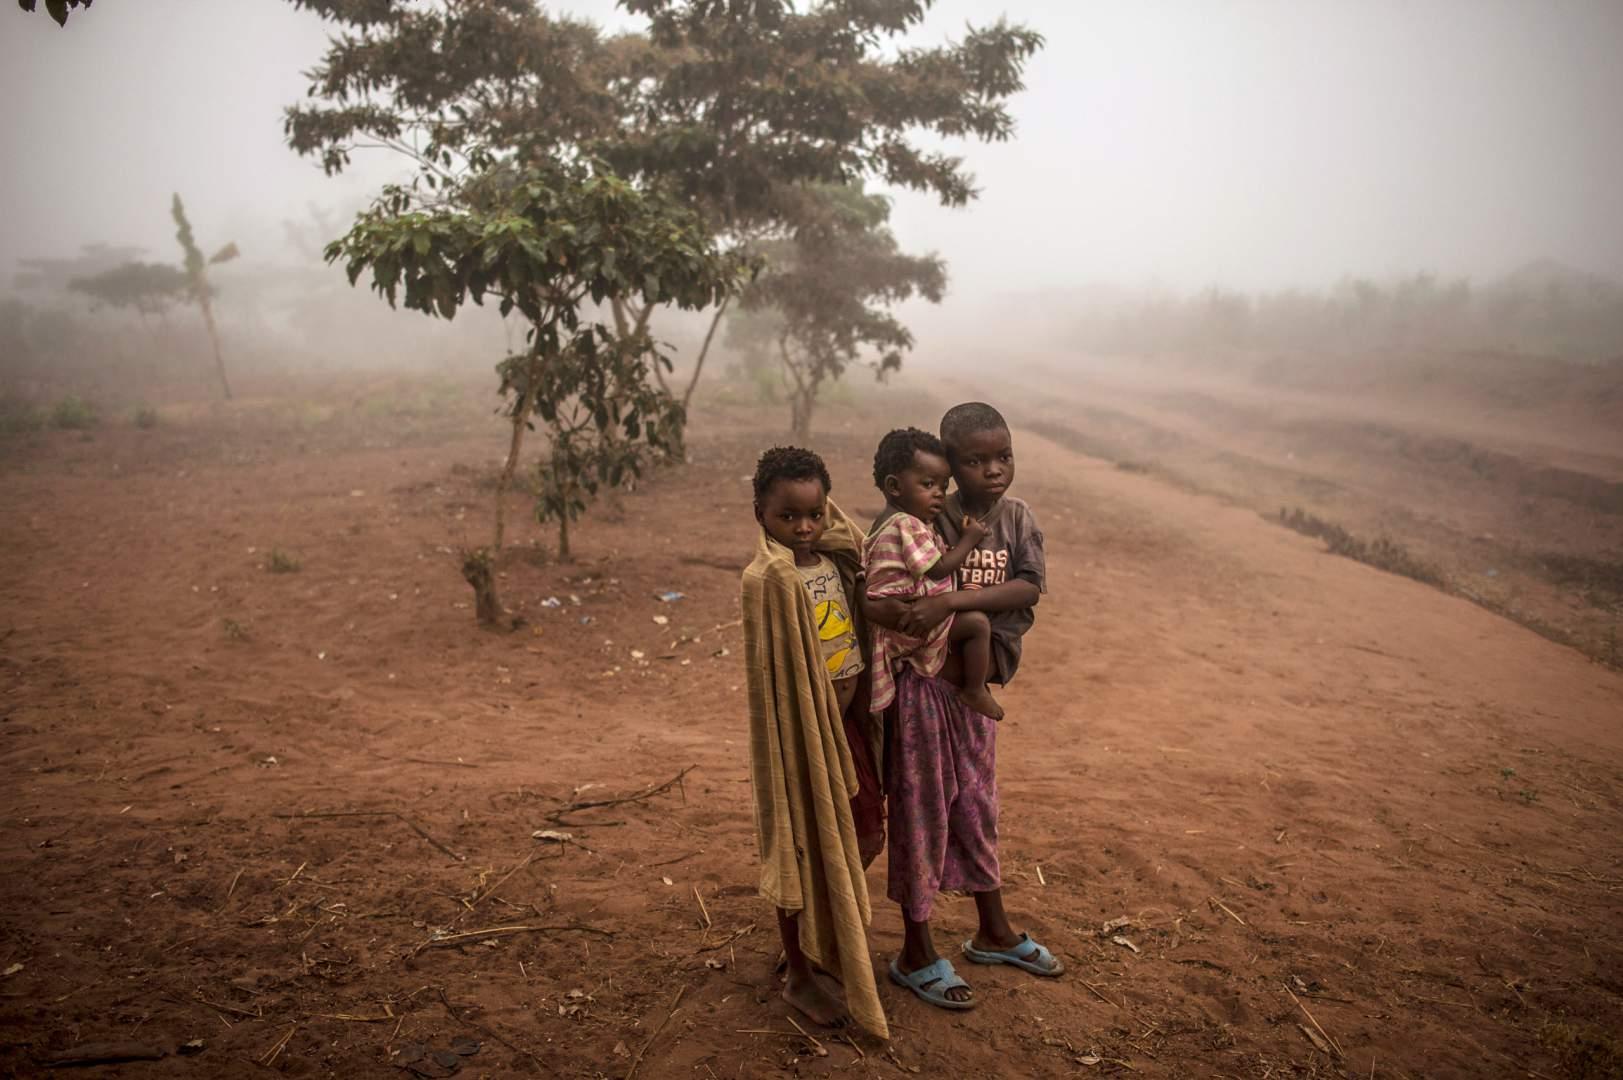 Добыча алмазов в Демокартической Республике Конго. Фото № 8